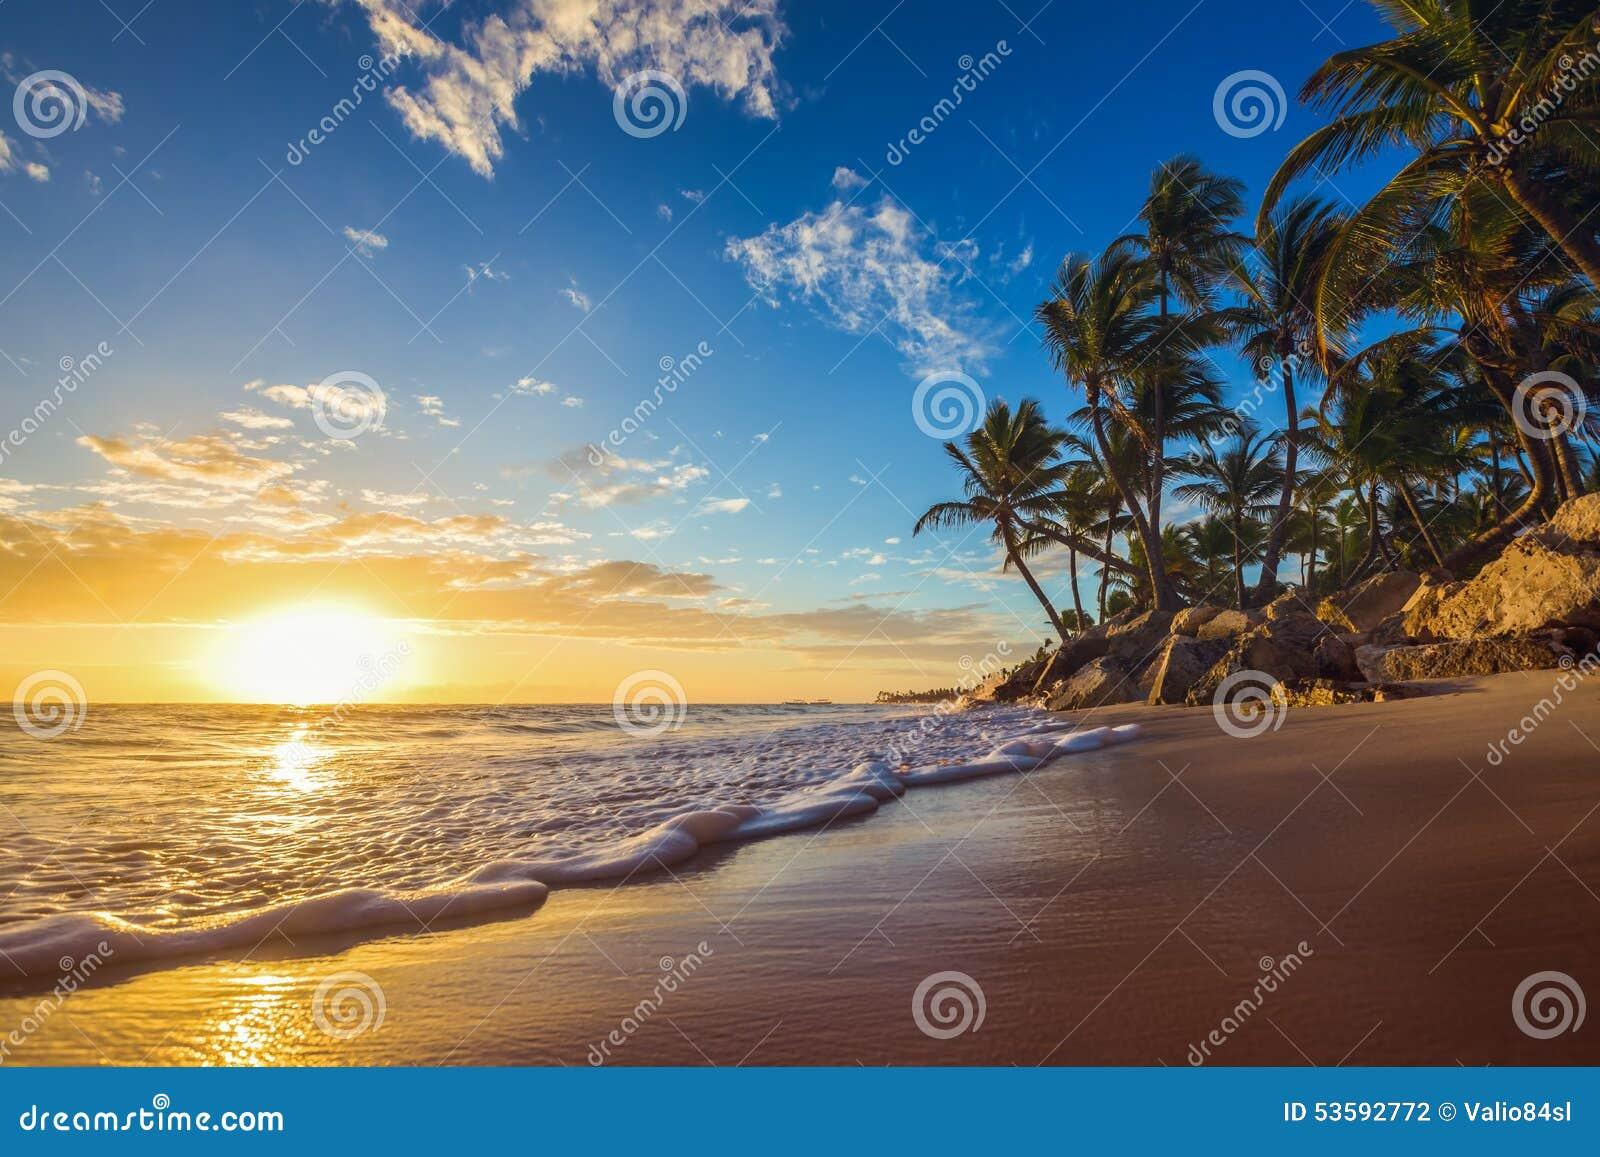 天堂热带海岛海滩,日出射击风景